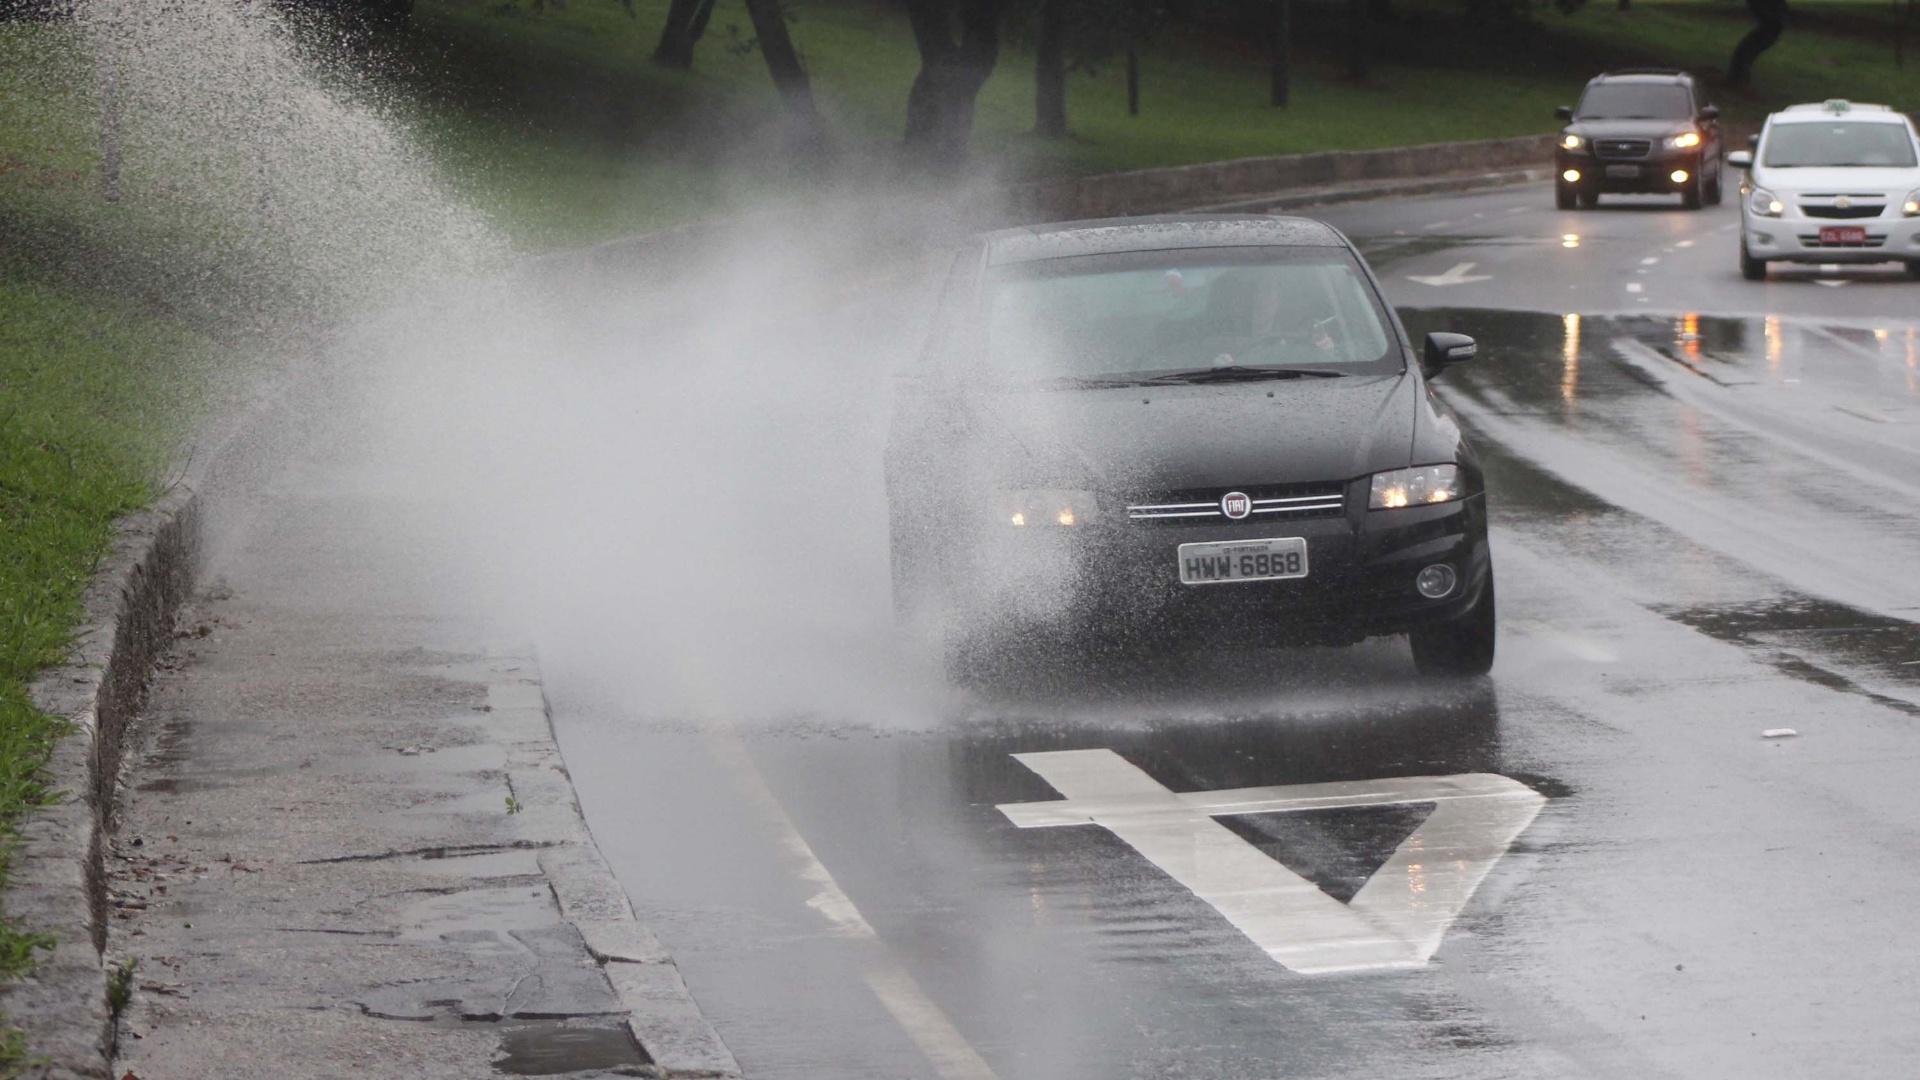 20.jun.2012 - Frio e chuva na avenida Pedro Álvares Cabral, região do Ibirapuera, em SP